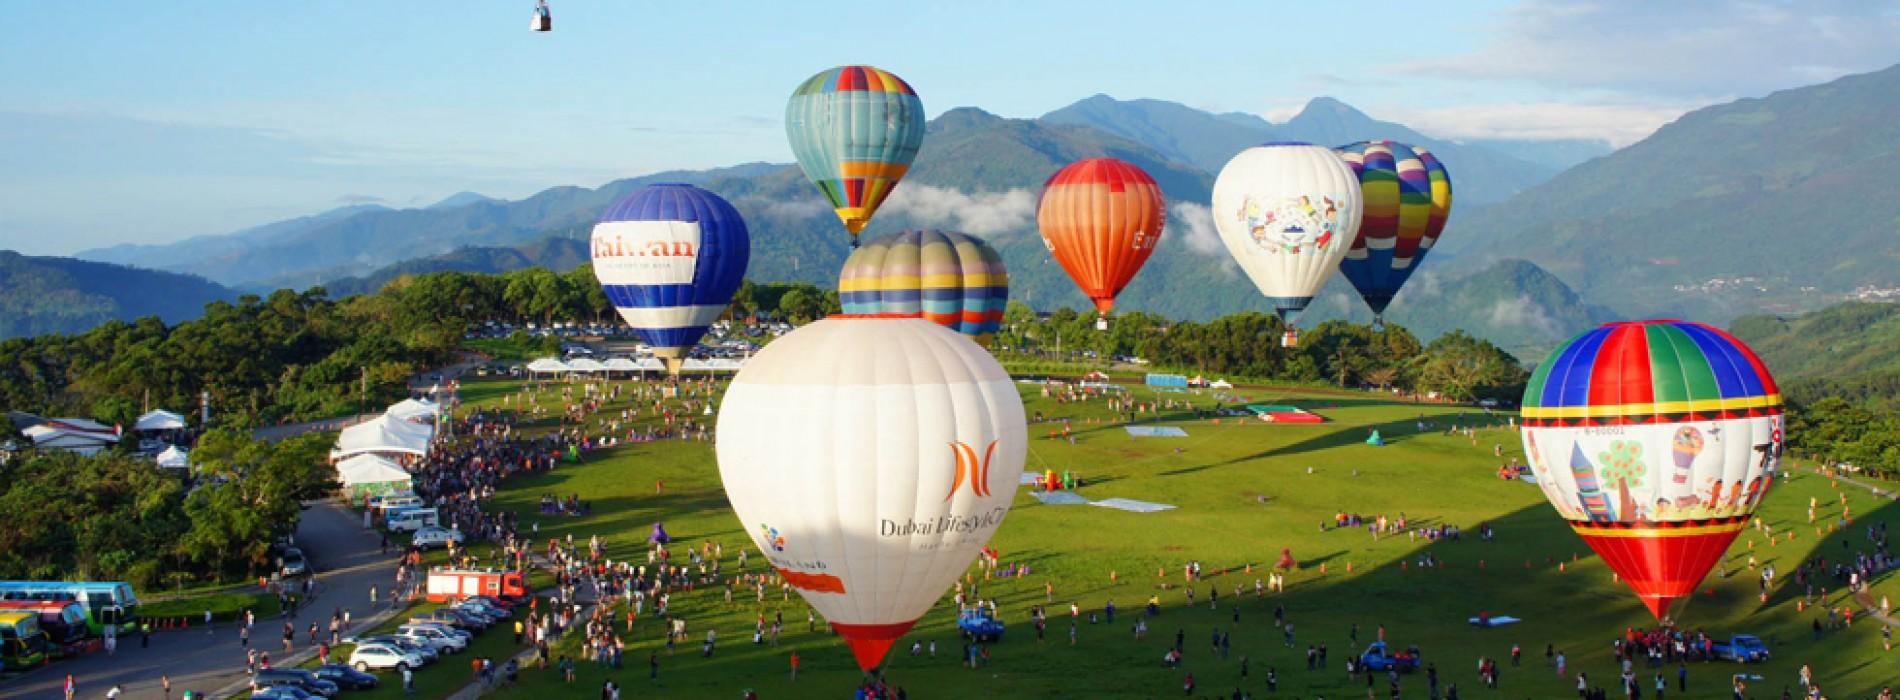 Visit the Taiwan Hot Air Balloon Festival